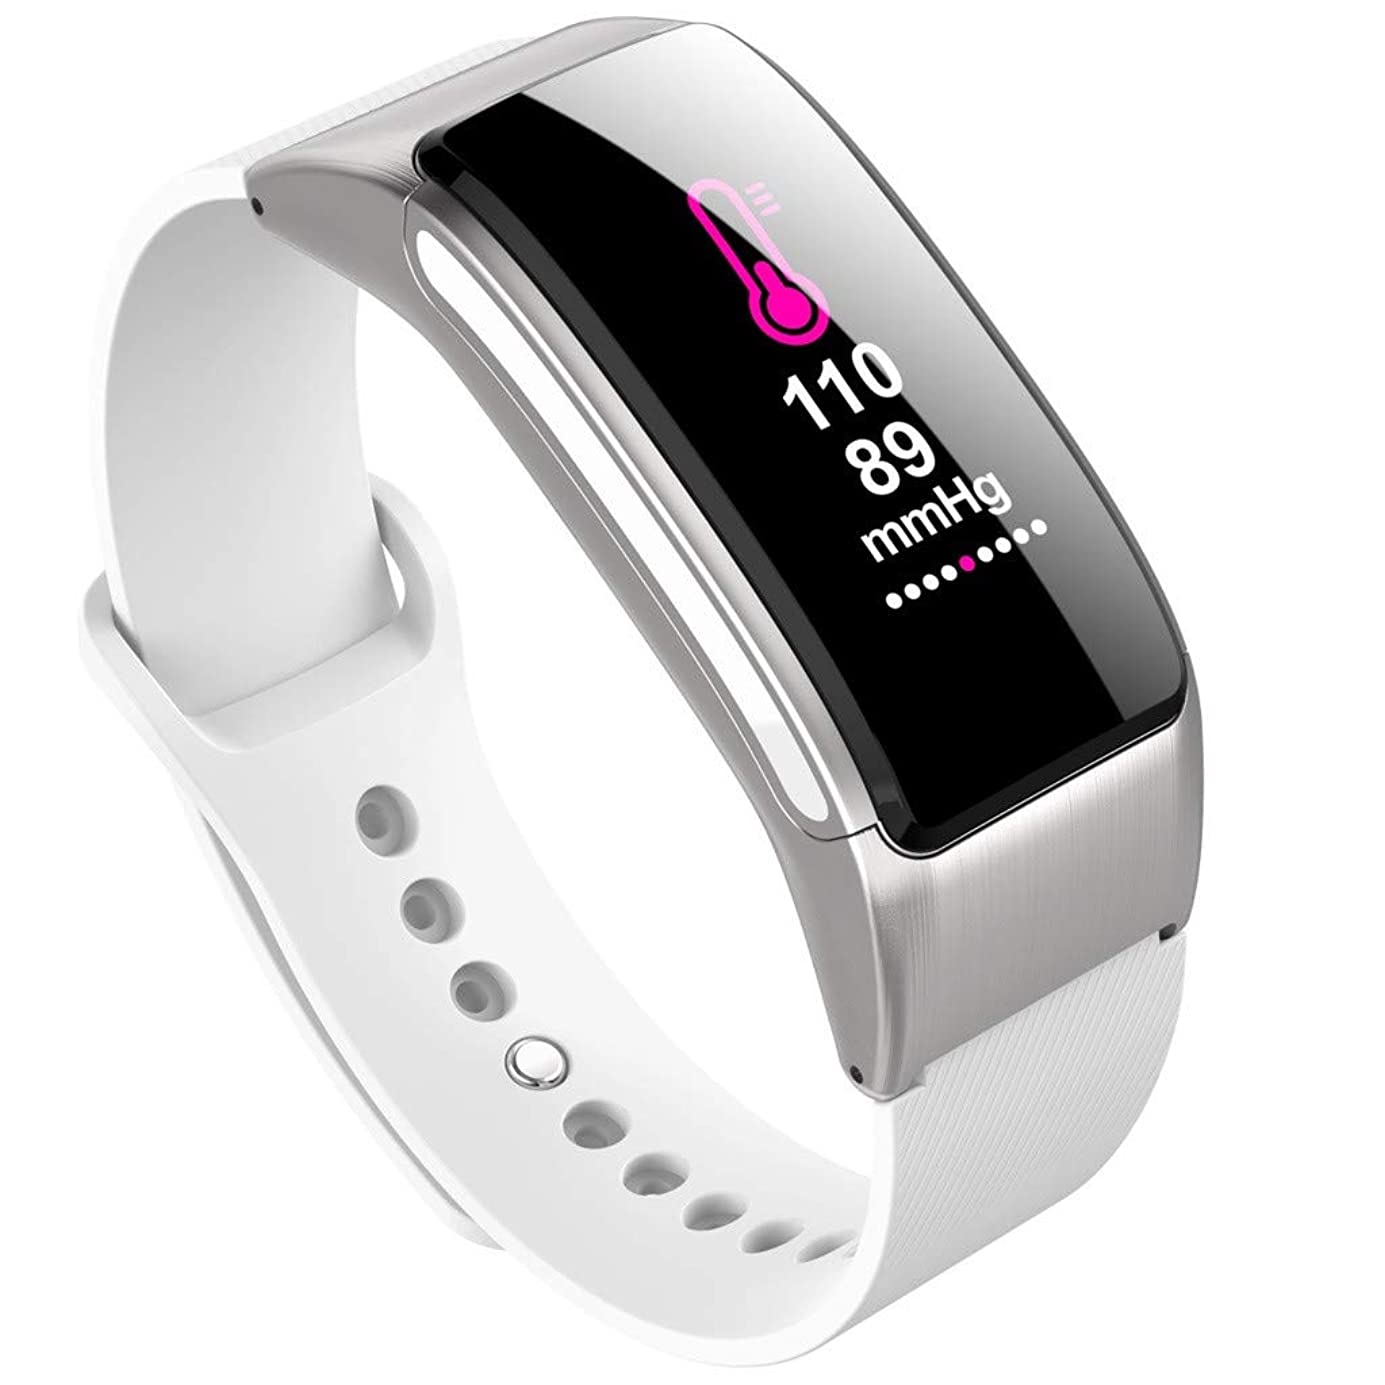 保証理解バンFarantasyスマートウォッチ スマートウォッチスポーツフィットネス活動心拍数トラッカー血圧カロリー複数のスポーツモードは、Android の iPhone の携帯電話と互換性の GPS 睡眠監視をサポートしています